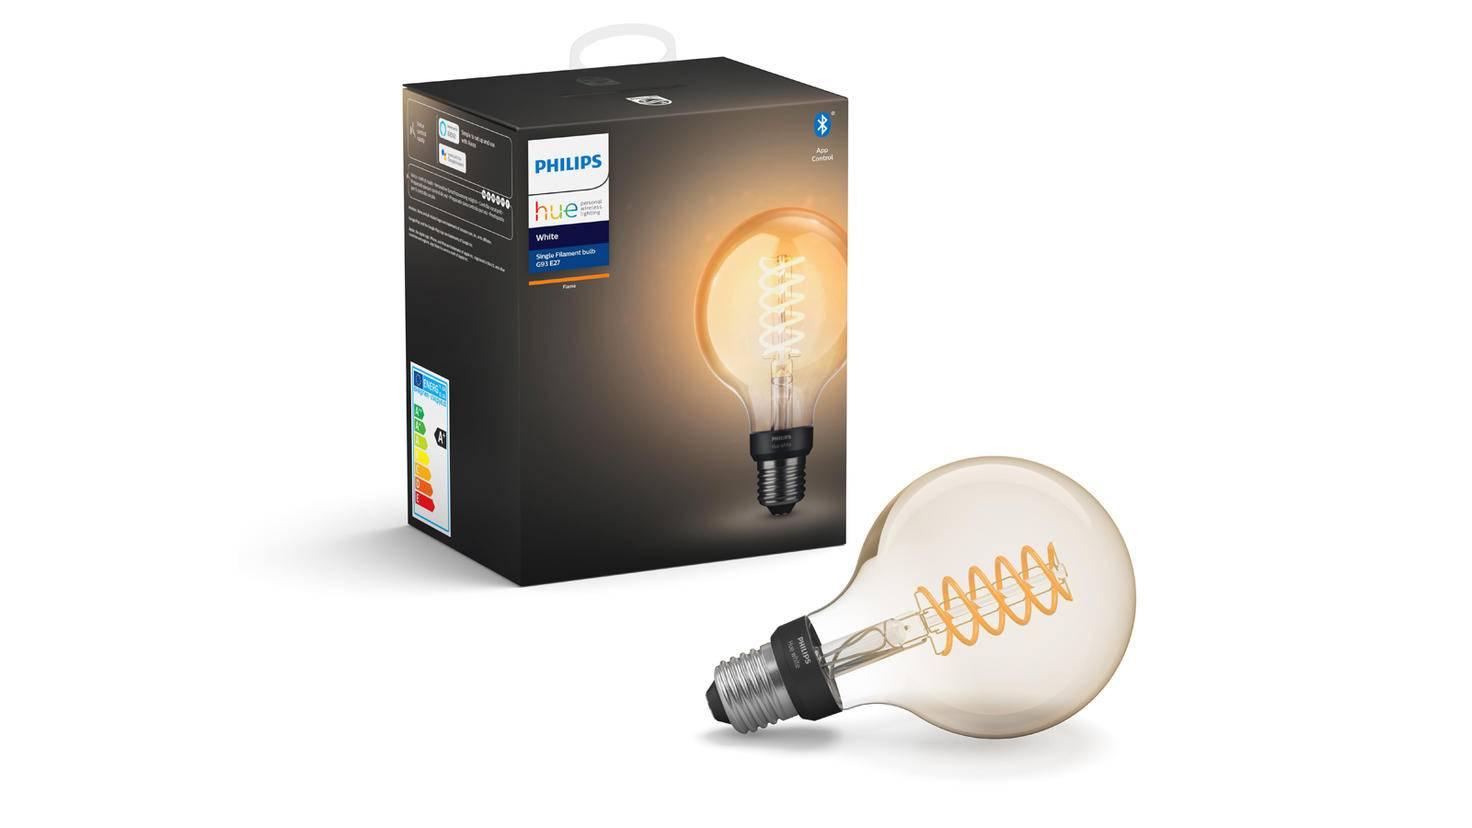 Philips hue-Filament Glühbirne-große Kugel-Form-Signify